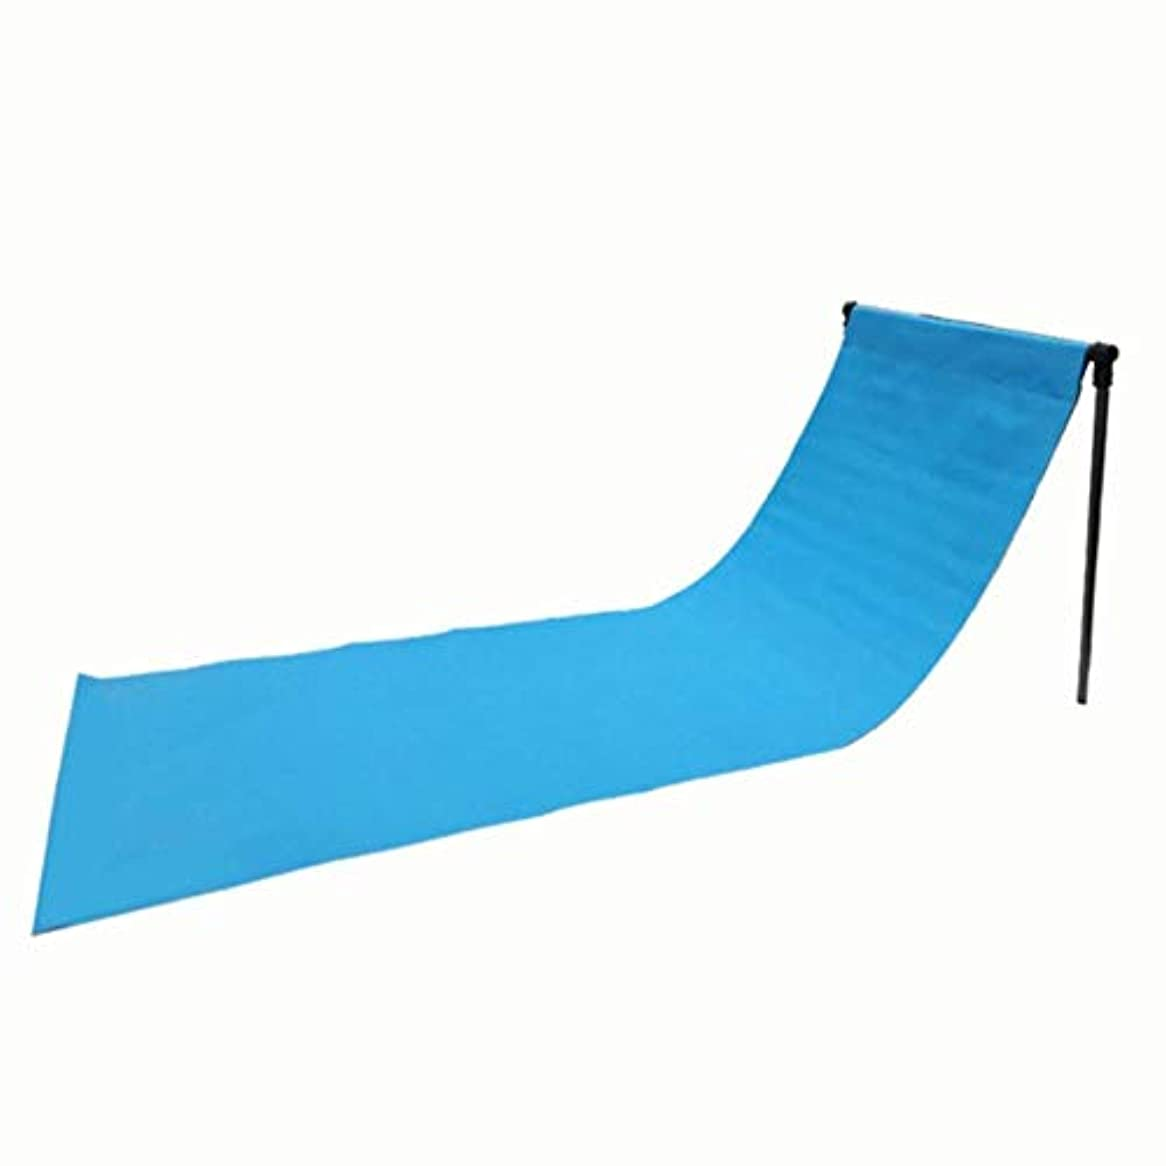 シュリンクミントペデスタルポータブルビーチマット超軽量折りたたみラウンジチェア屋外キャンプテント防水リクライニングチェア調節可能なリクライニングチェア w0g3f4c